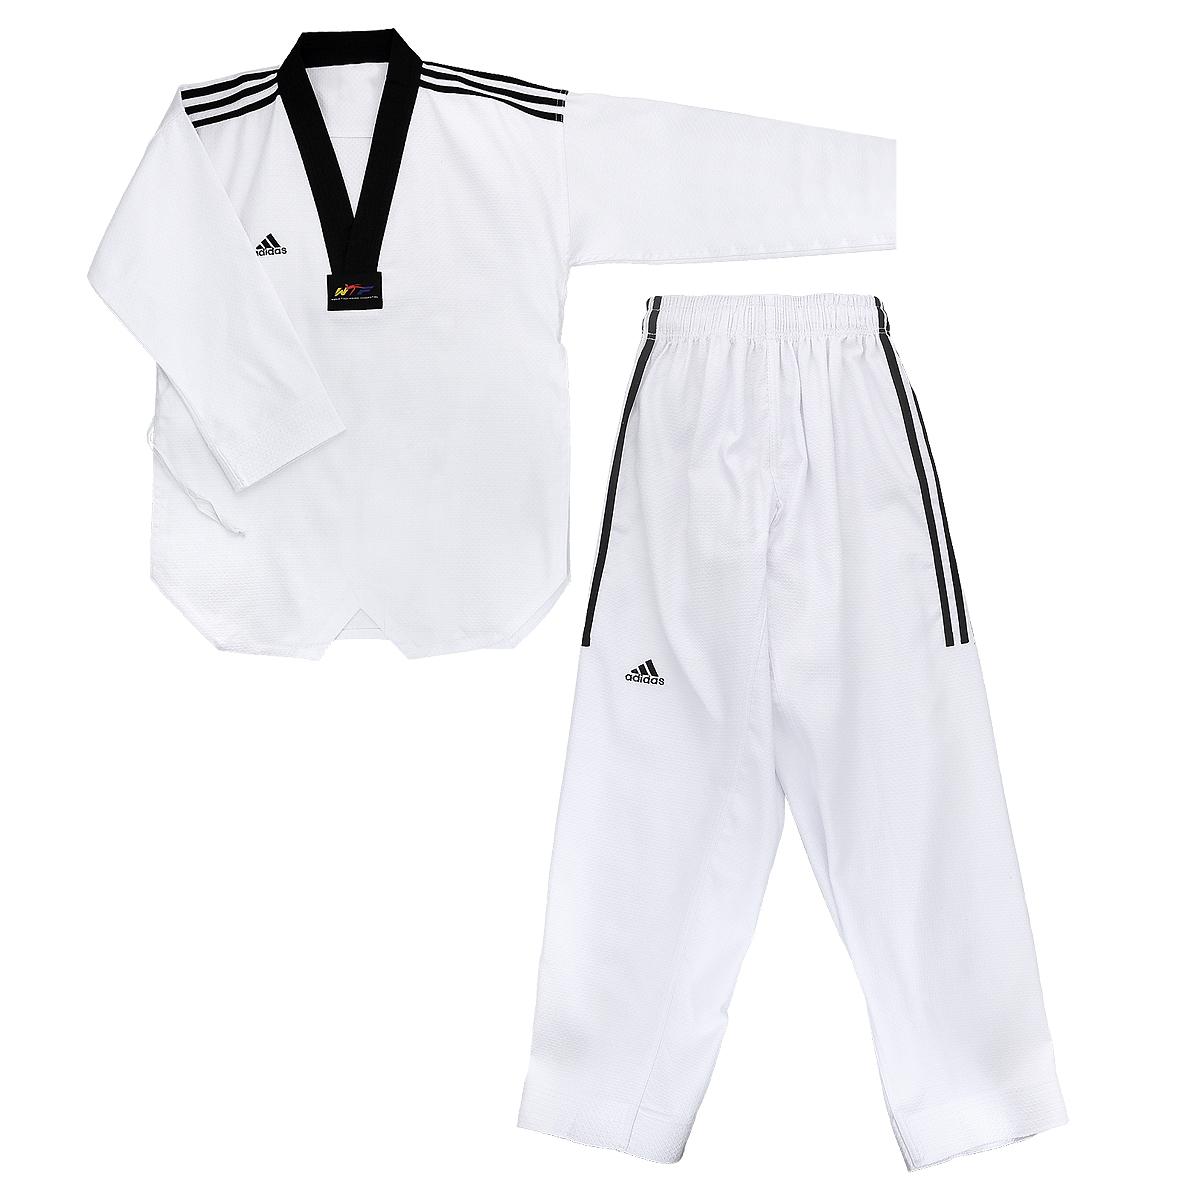 Кимоно для тхэквондо adidas Adi-GrandMaster 3, цвет: белый, черный. adiTGM01-WH/BK. Размер 160adiTGM01-WH/BKКимоно для тхэквондо adidas Adi-GrandMaster 3 состоит из рубашки и брюк. Просторная рубашка без пояса с V-образным вырезом горловин, боковыми разрезами и длинными рукавами изготовлена из плотного полиэстера с добавлением хлопка. Боковые швы, края рукавов и полочка укреплены дополнительными строчками. В области талии по спинке рубашка дополнена эластичной резинкой для регулирования ширины.Просторные брюки особого покроя имеют широкий эластичный пояс, регулируемый скрытым шнурком. Низ брючин с внутренней стороны укреплен дополнительными строчками.Кимоно рекомендуется для тренировок в зале.